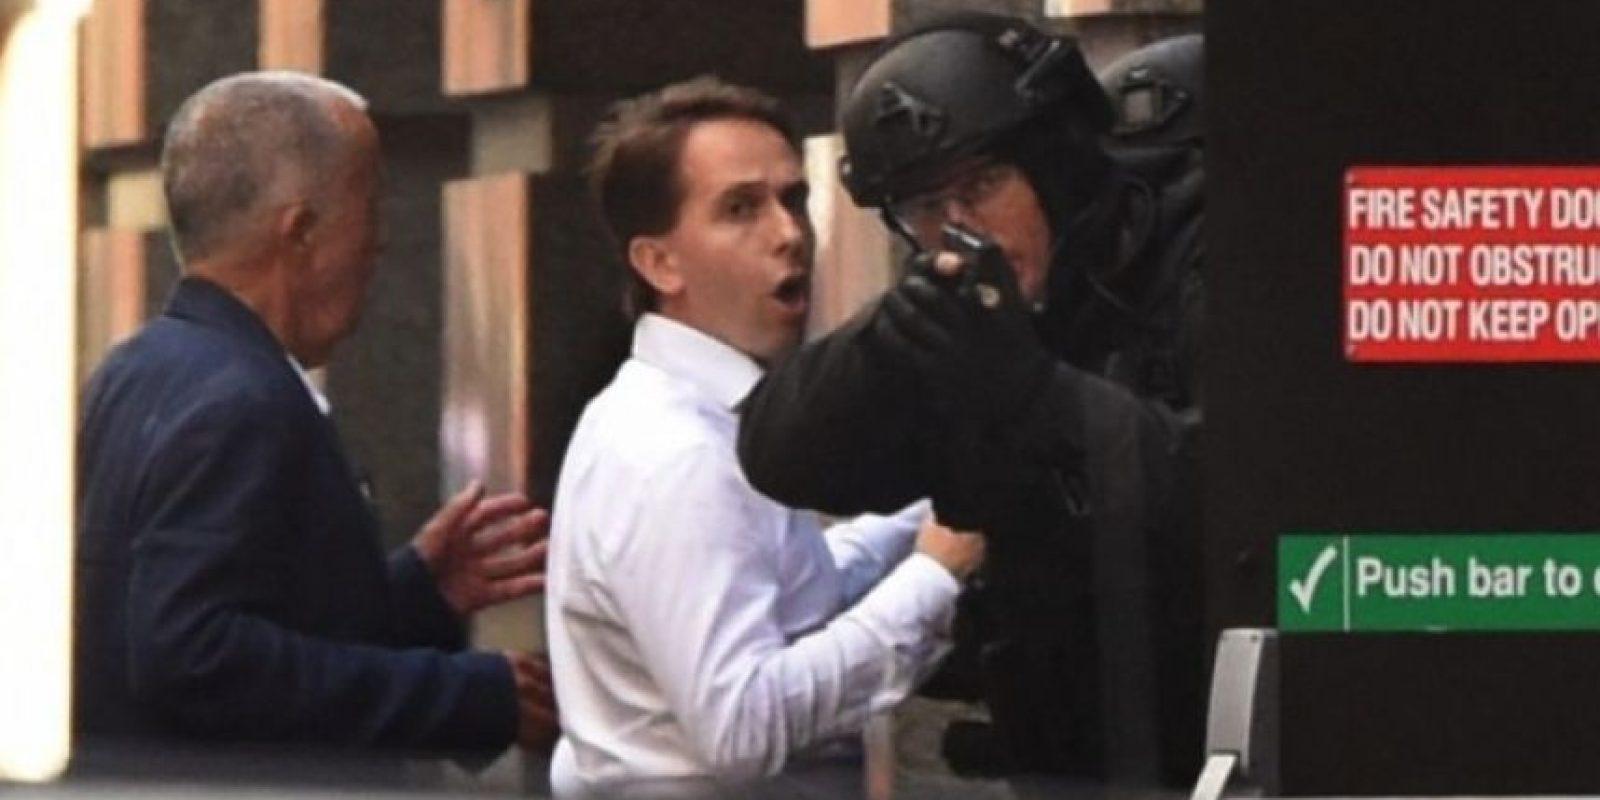 Un clérigo musulmán secuestra a 17 personas en una cafetería en Sidney, acción que acabó con el asaltante y dos rehenes muertos. Foto:AFP